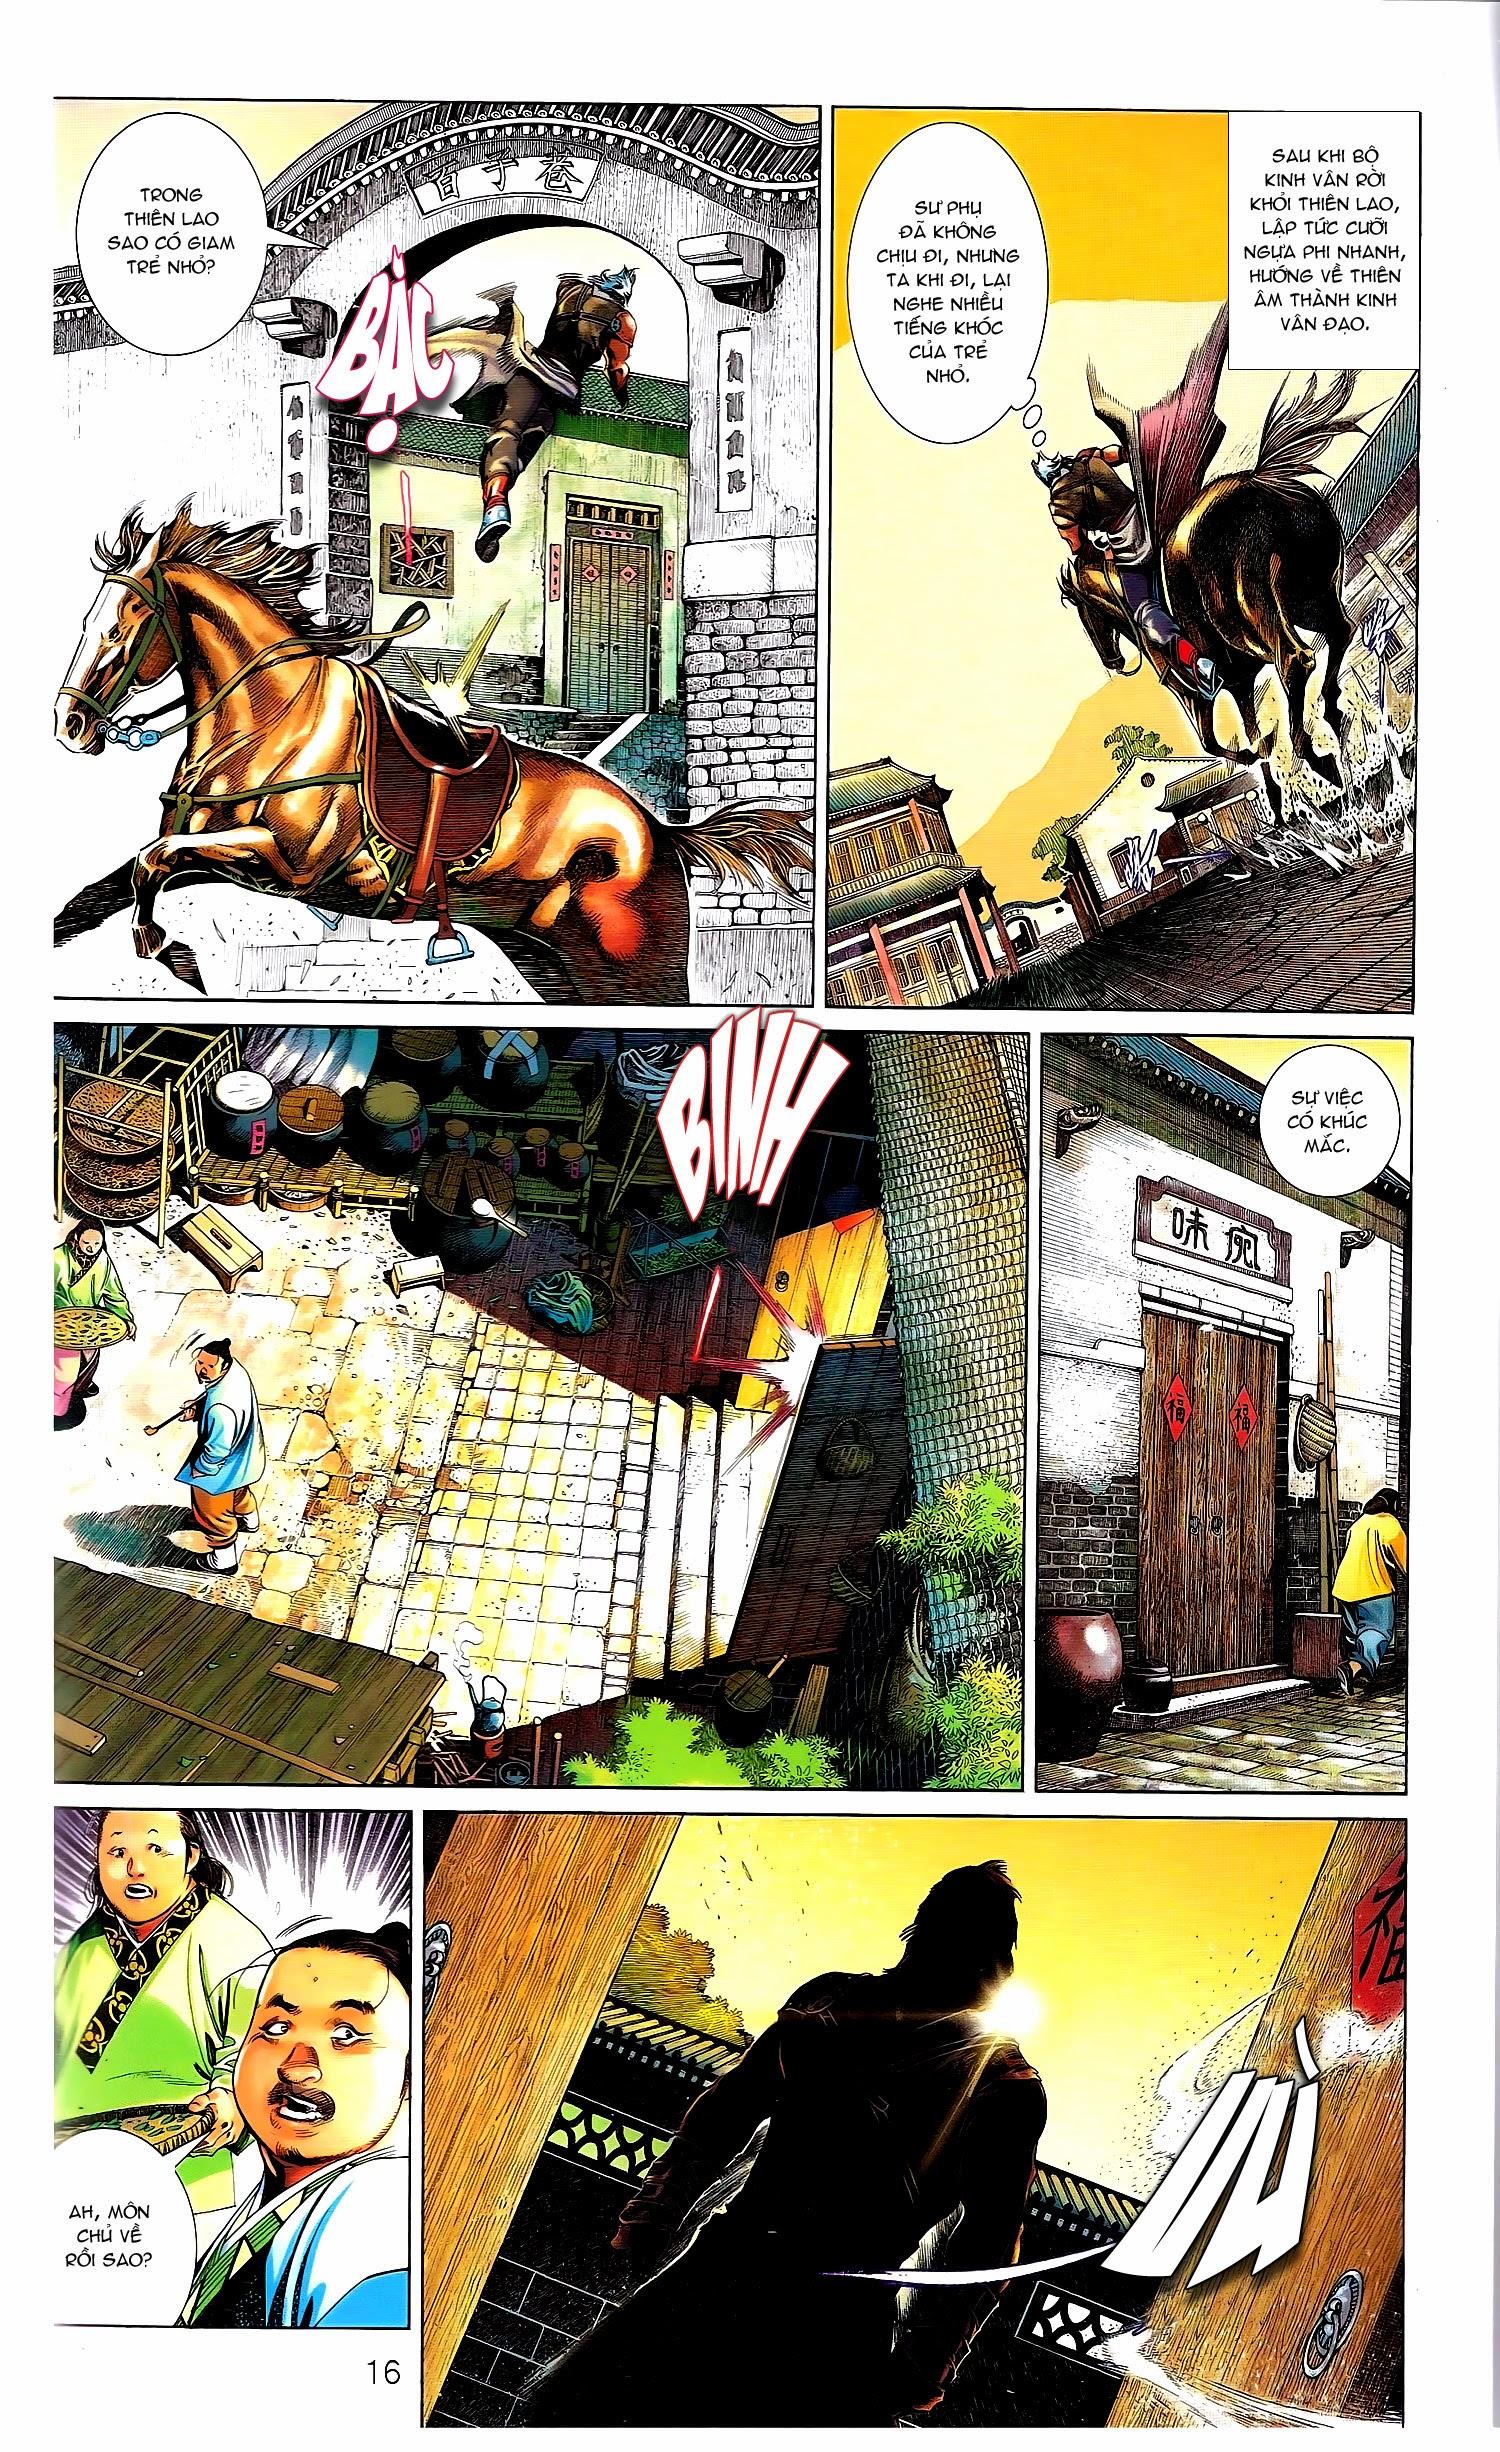 Phong Vân chap 671.1 - Trang 16